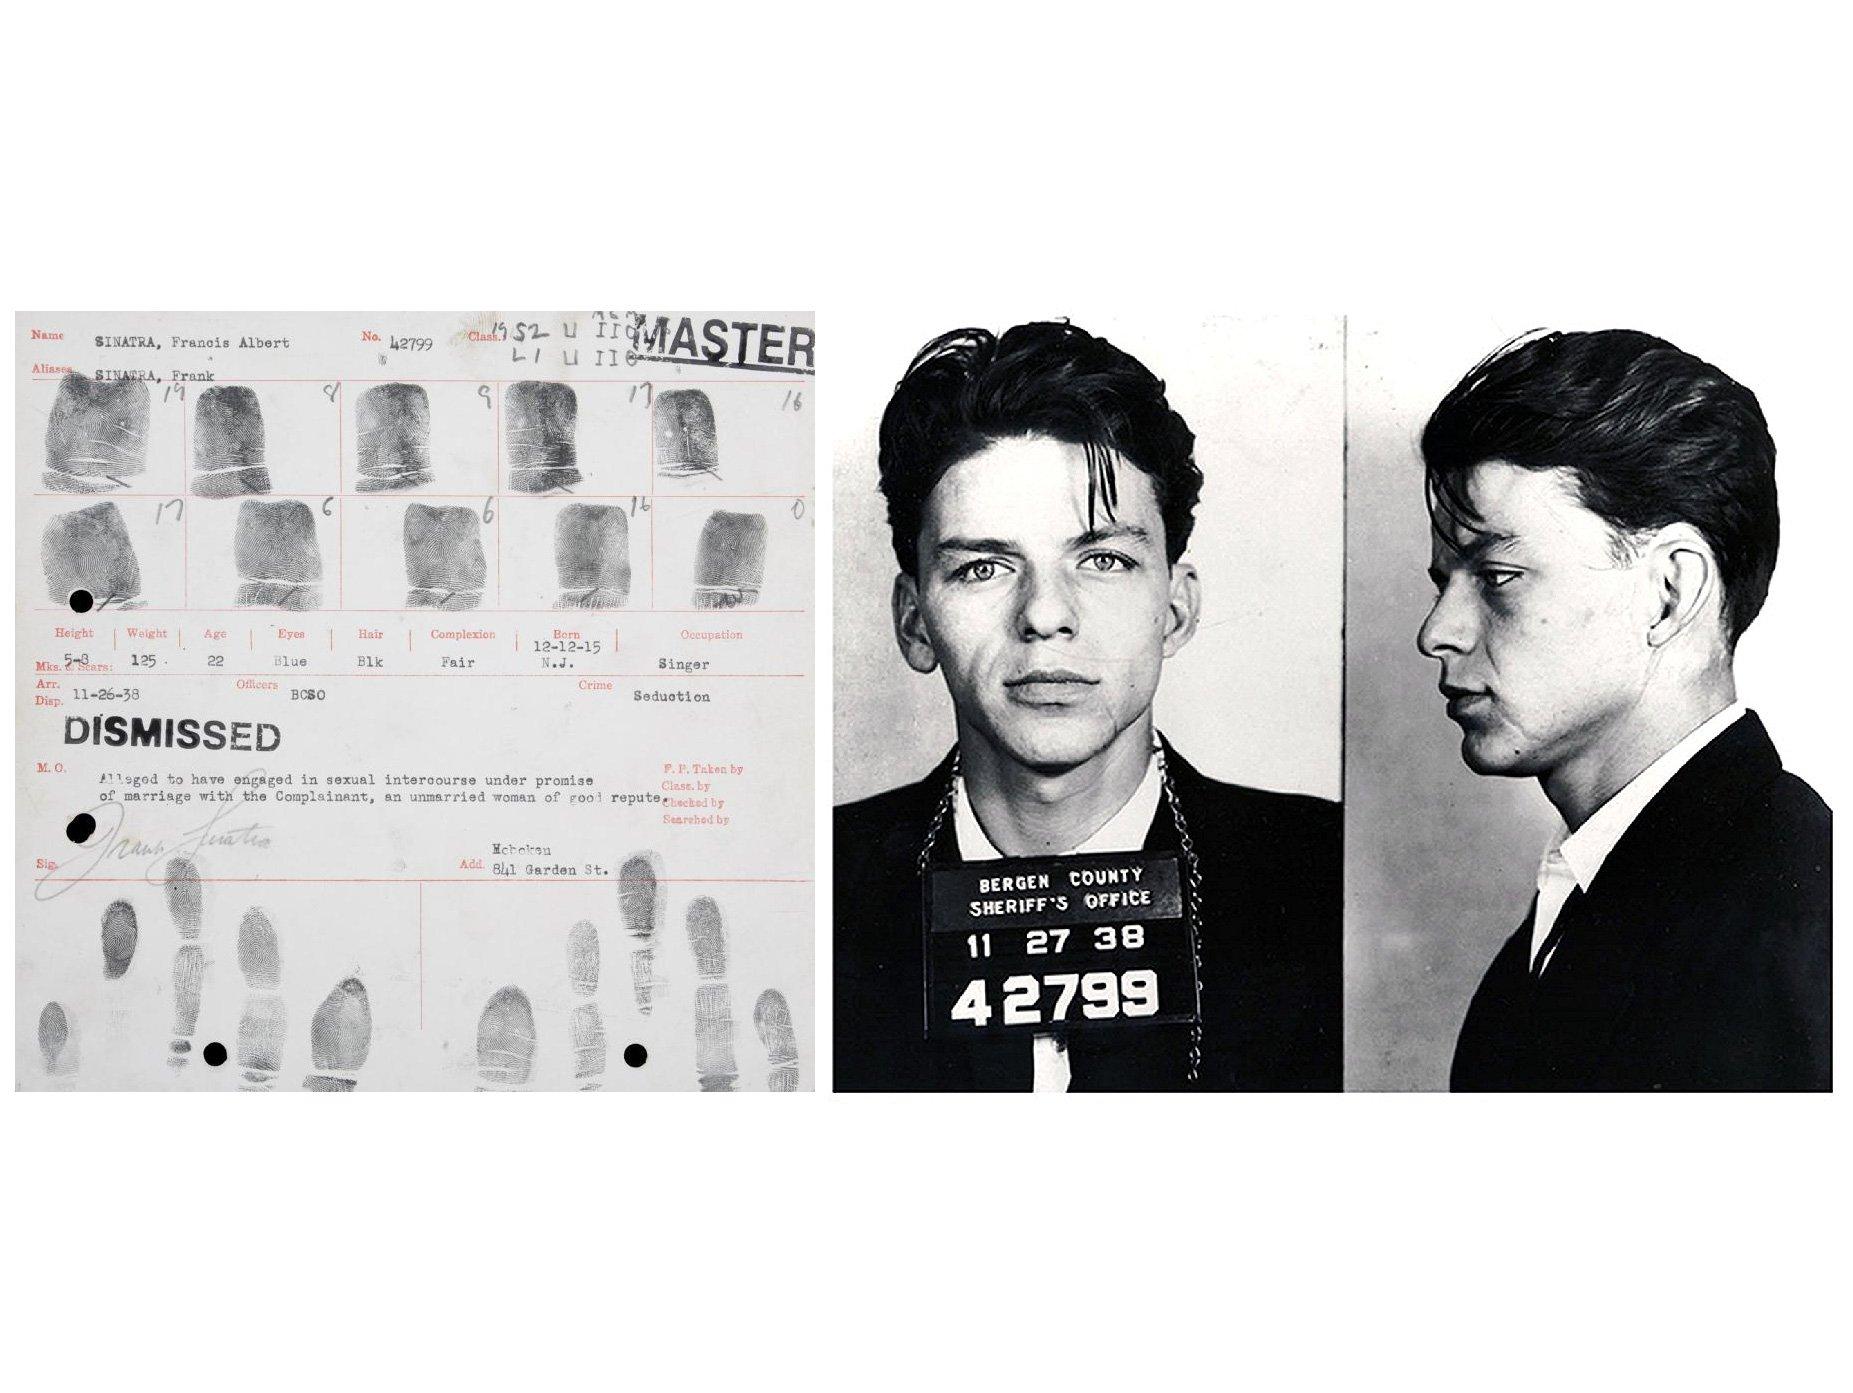 Frank Sinatra's Arrest Fingerprint Records And Mugshot